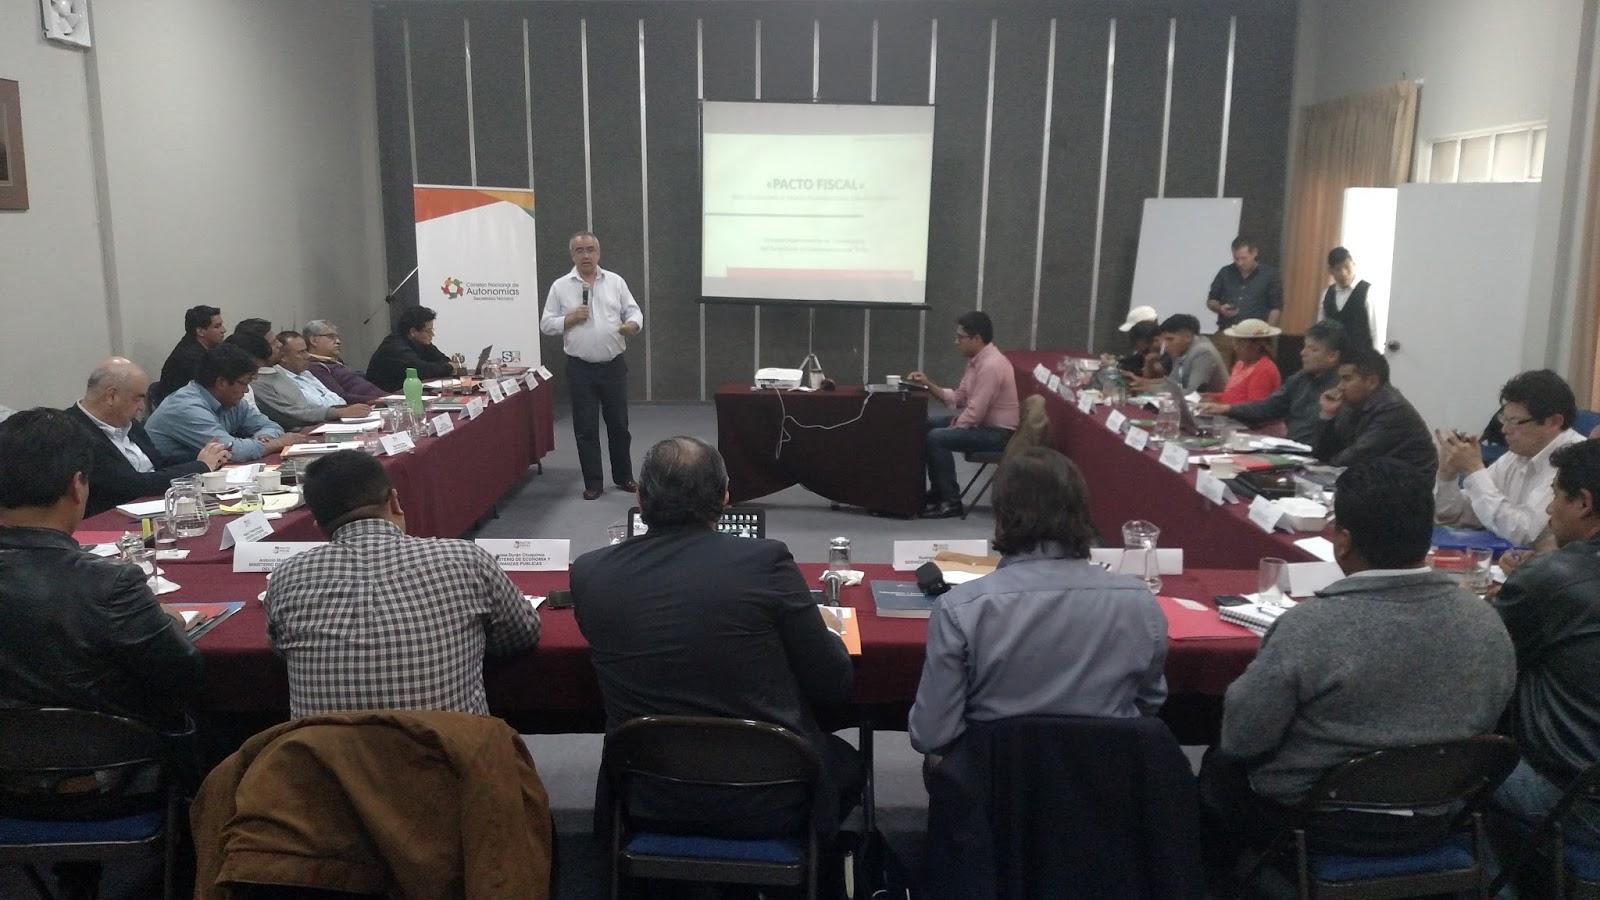 La Paz, Tarija y Santa Cruz presentaron propuestas para Pacto Fiscal el viernes